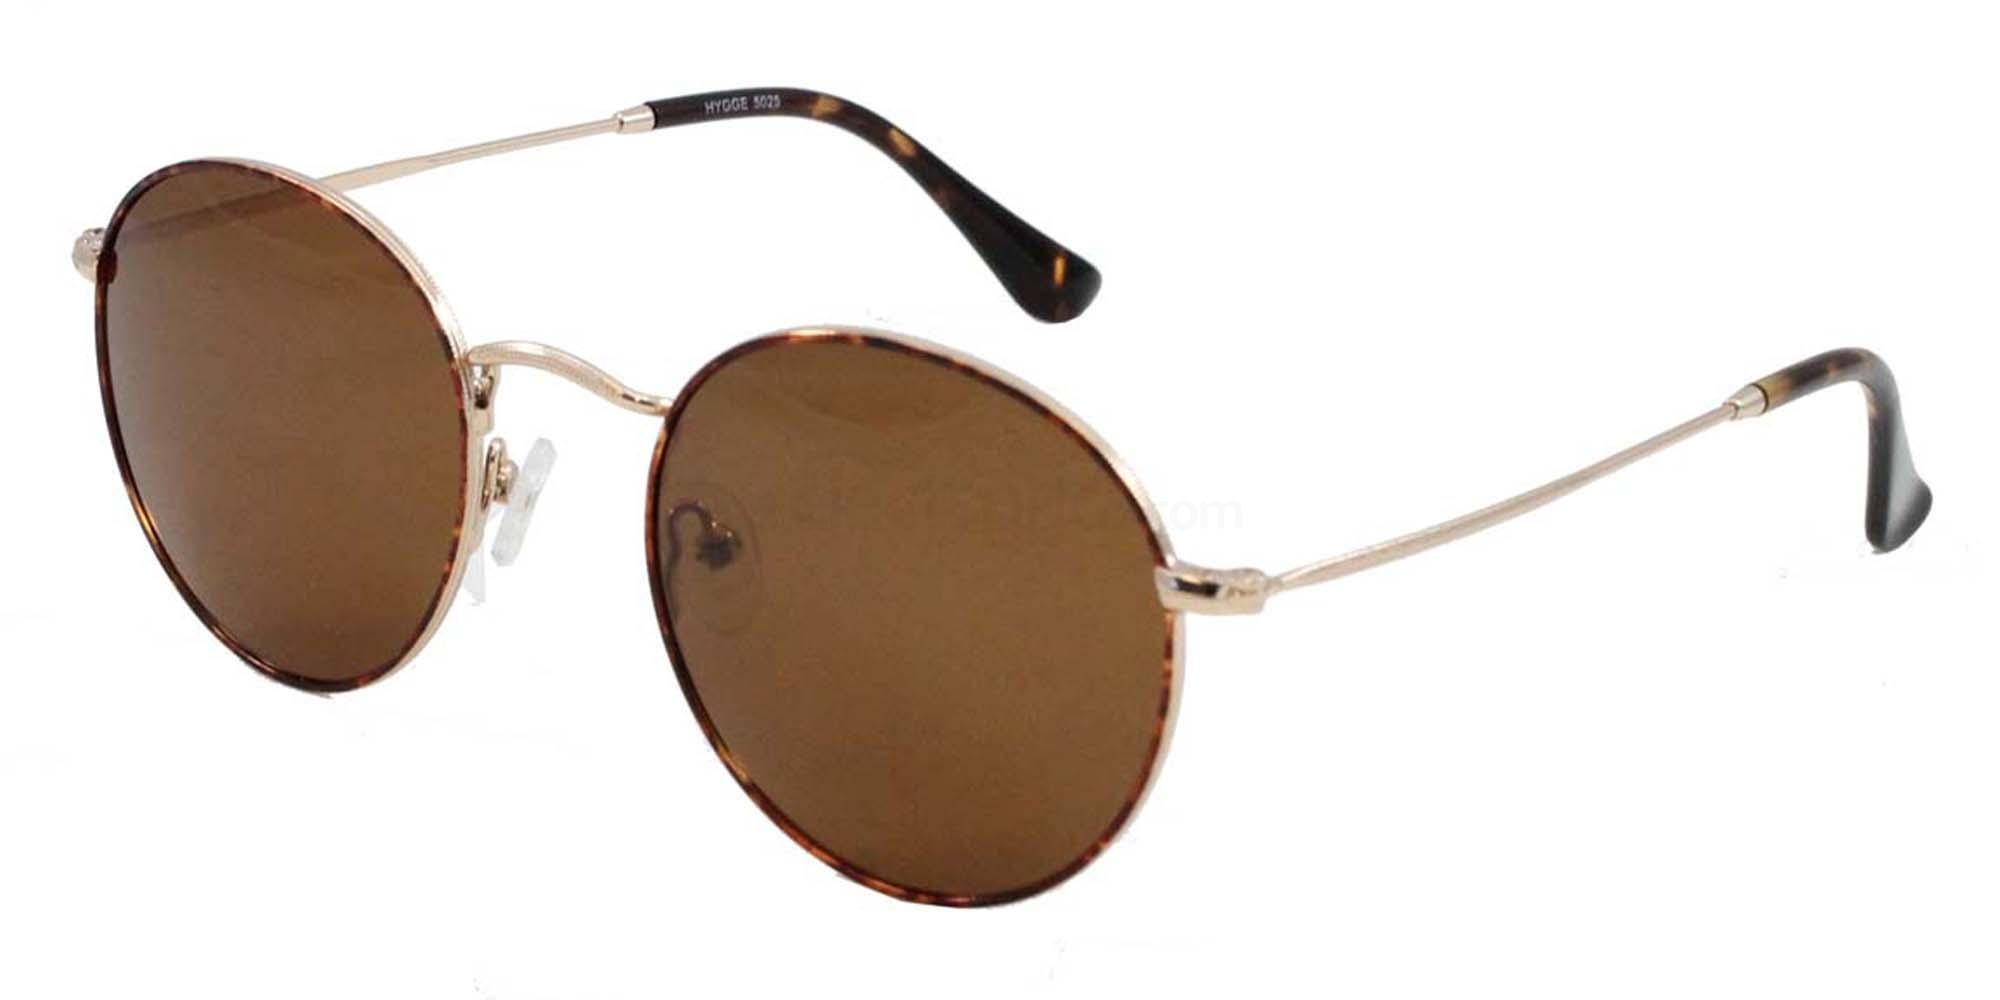 Tortoise 5025 Sunglasses, Hygge Denmark